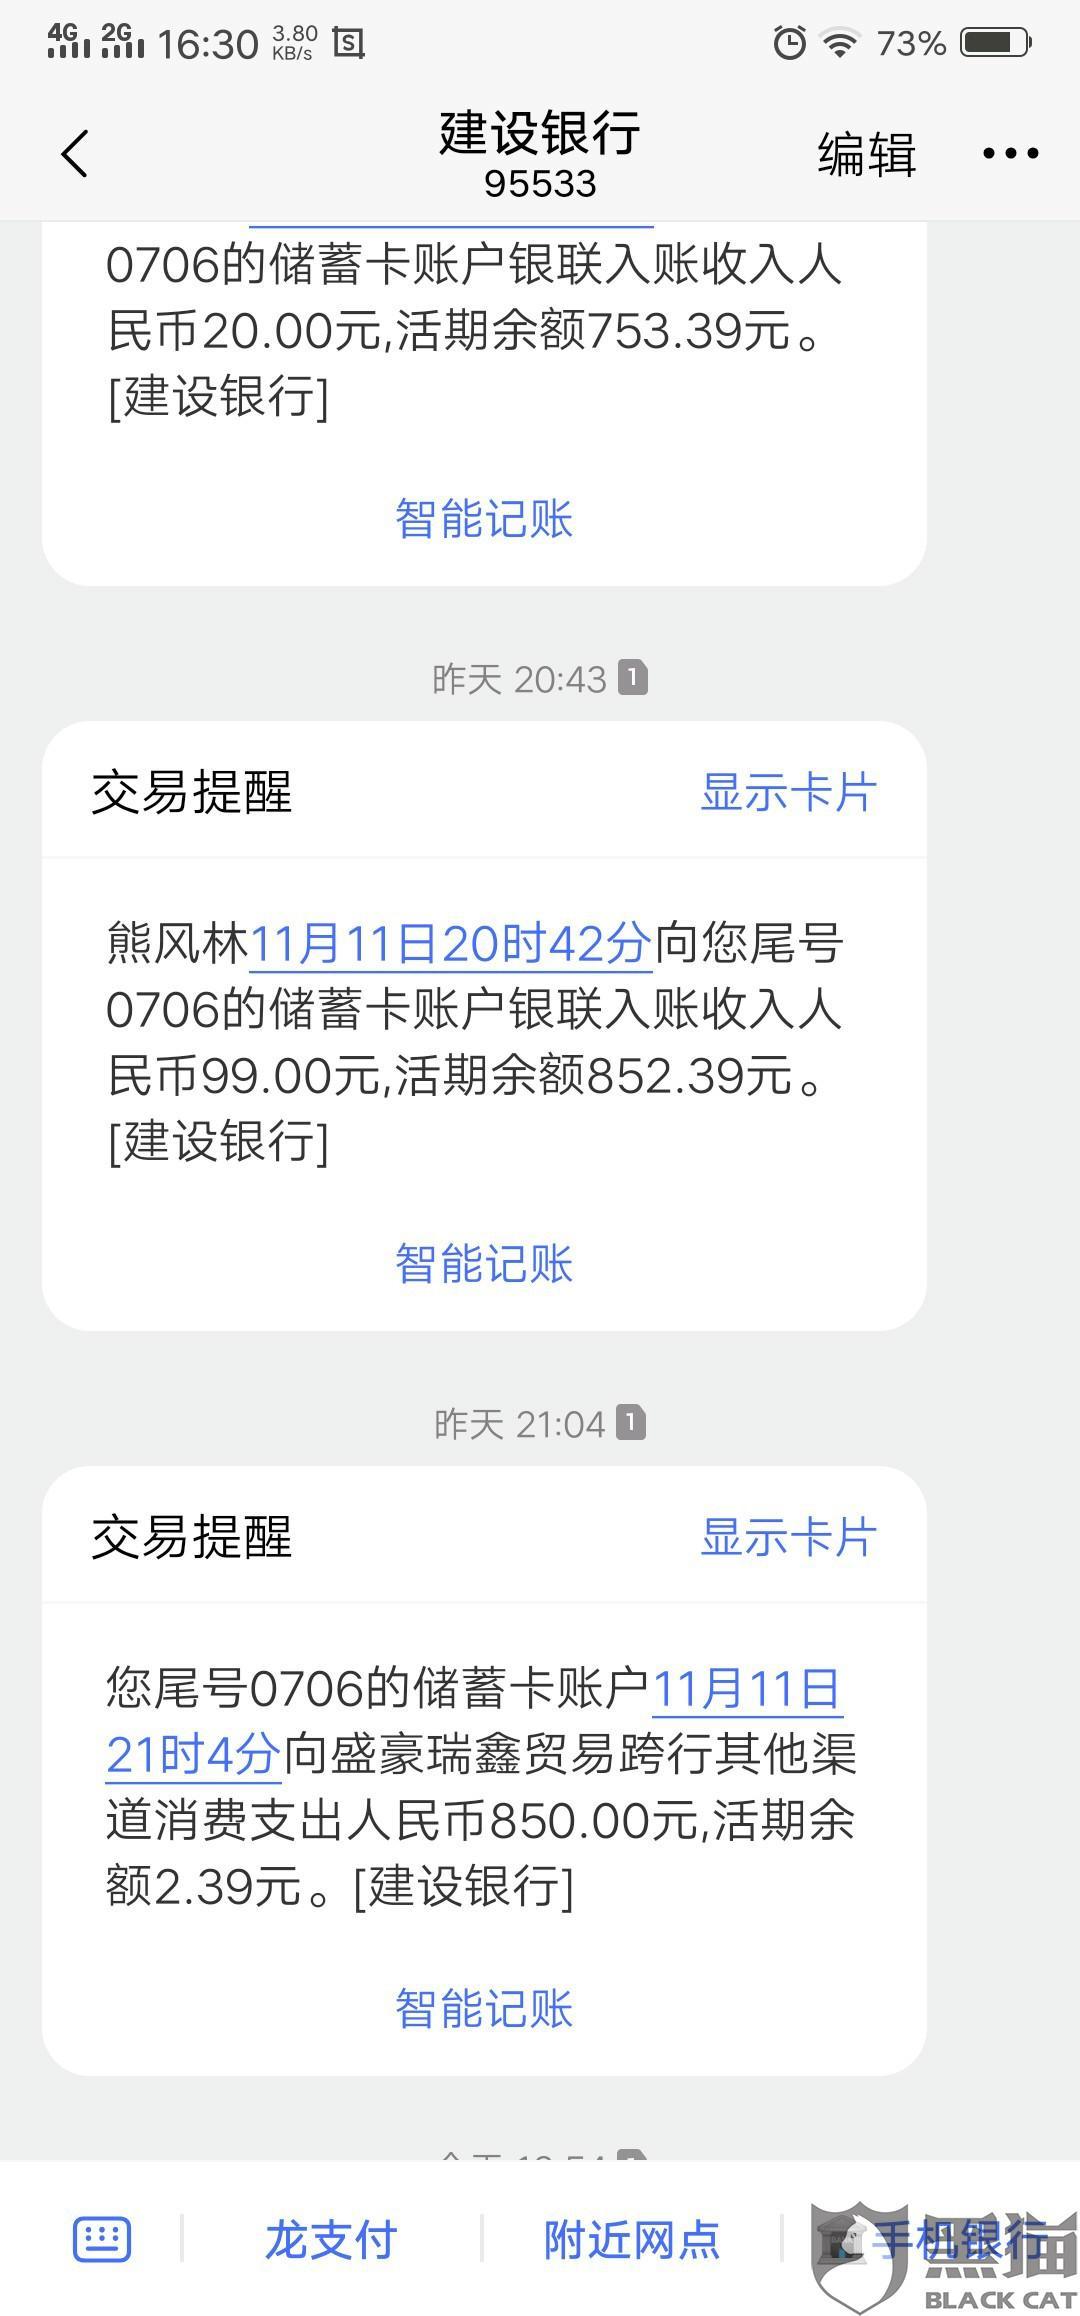 黑猫投诉:盛豪瑞鑫贸易